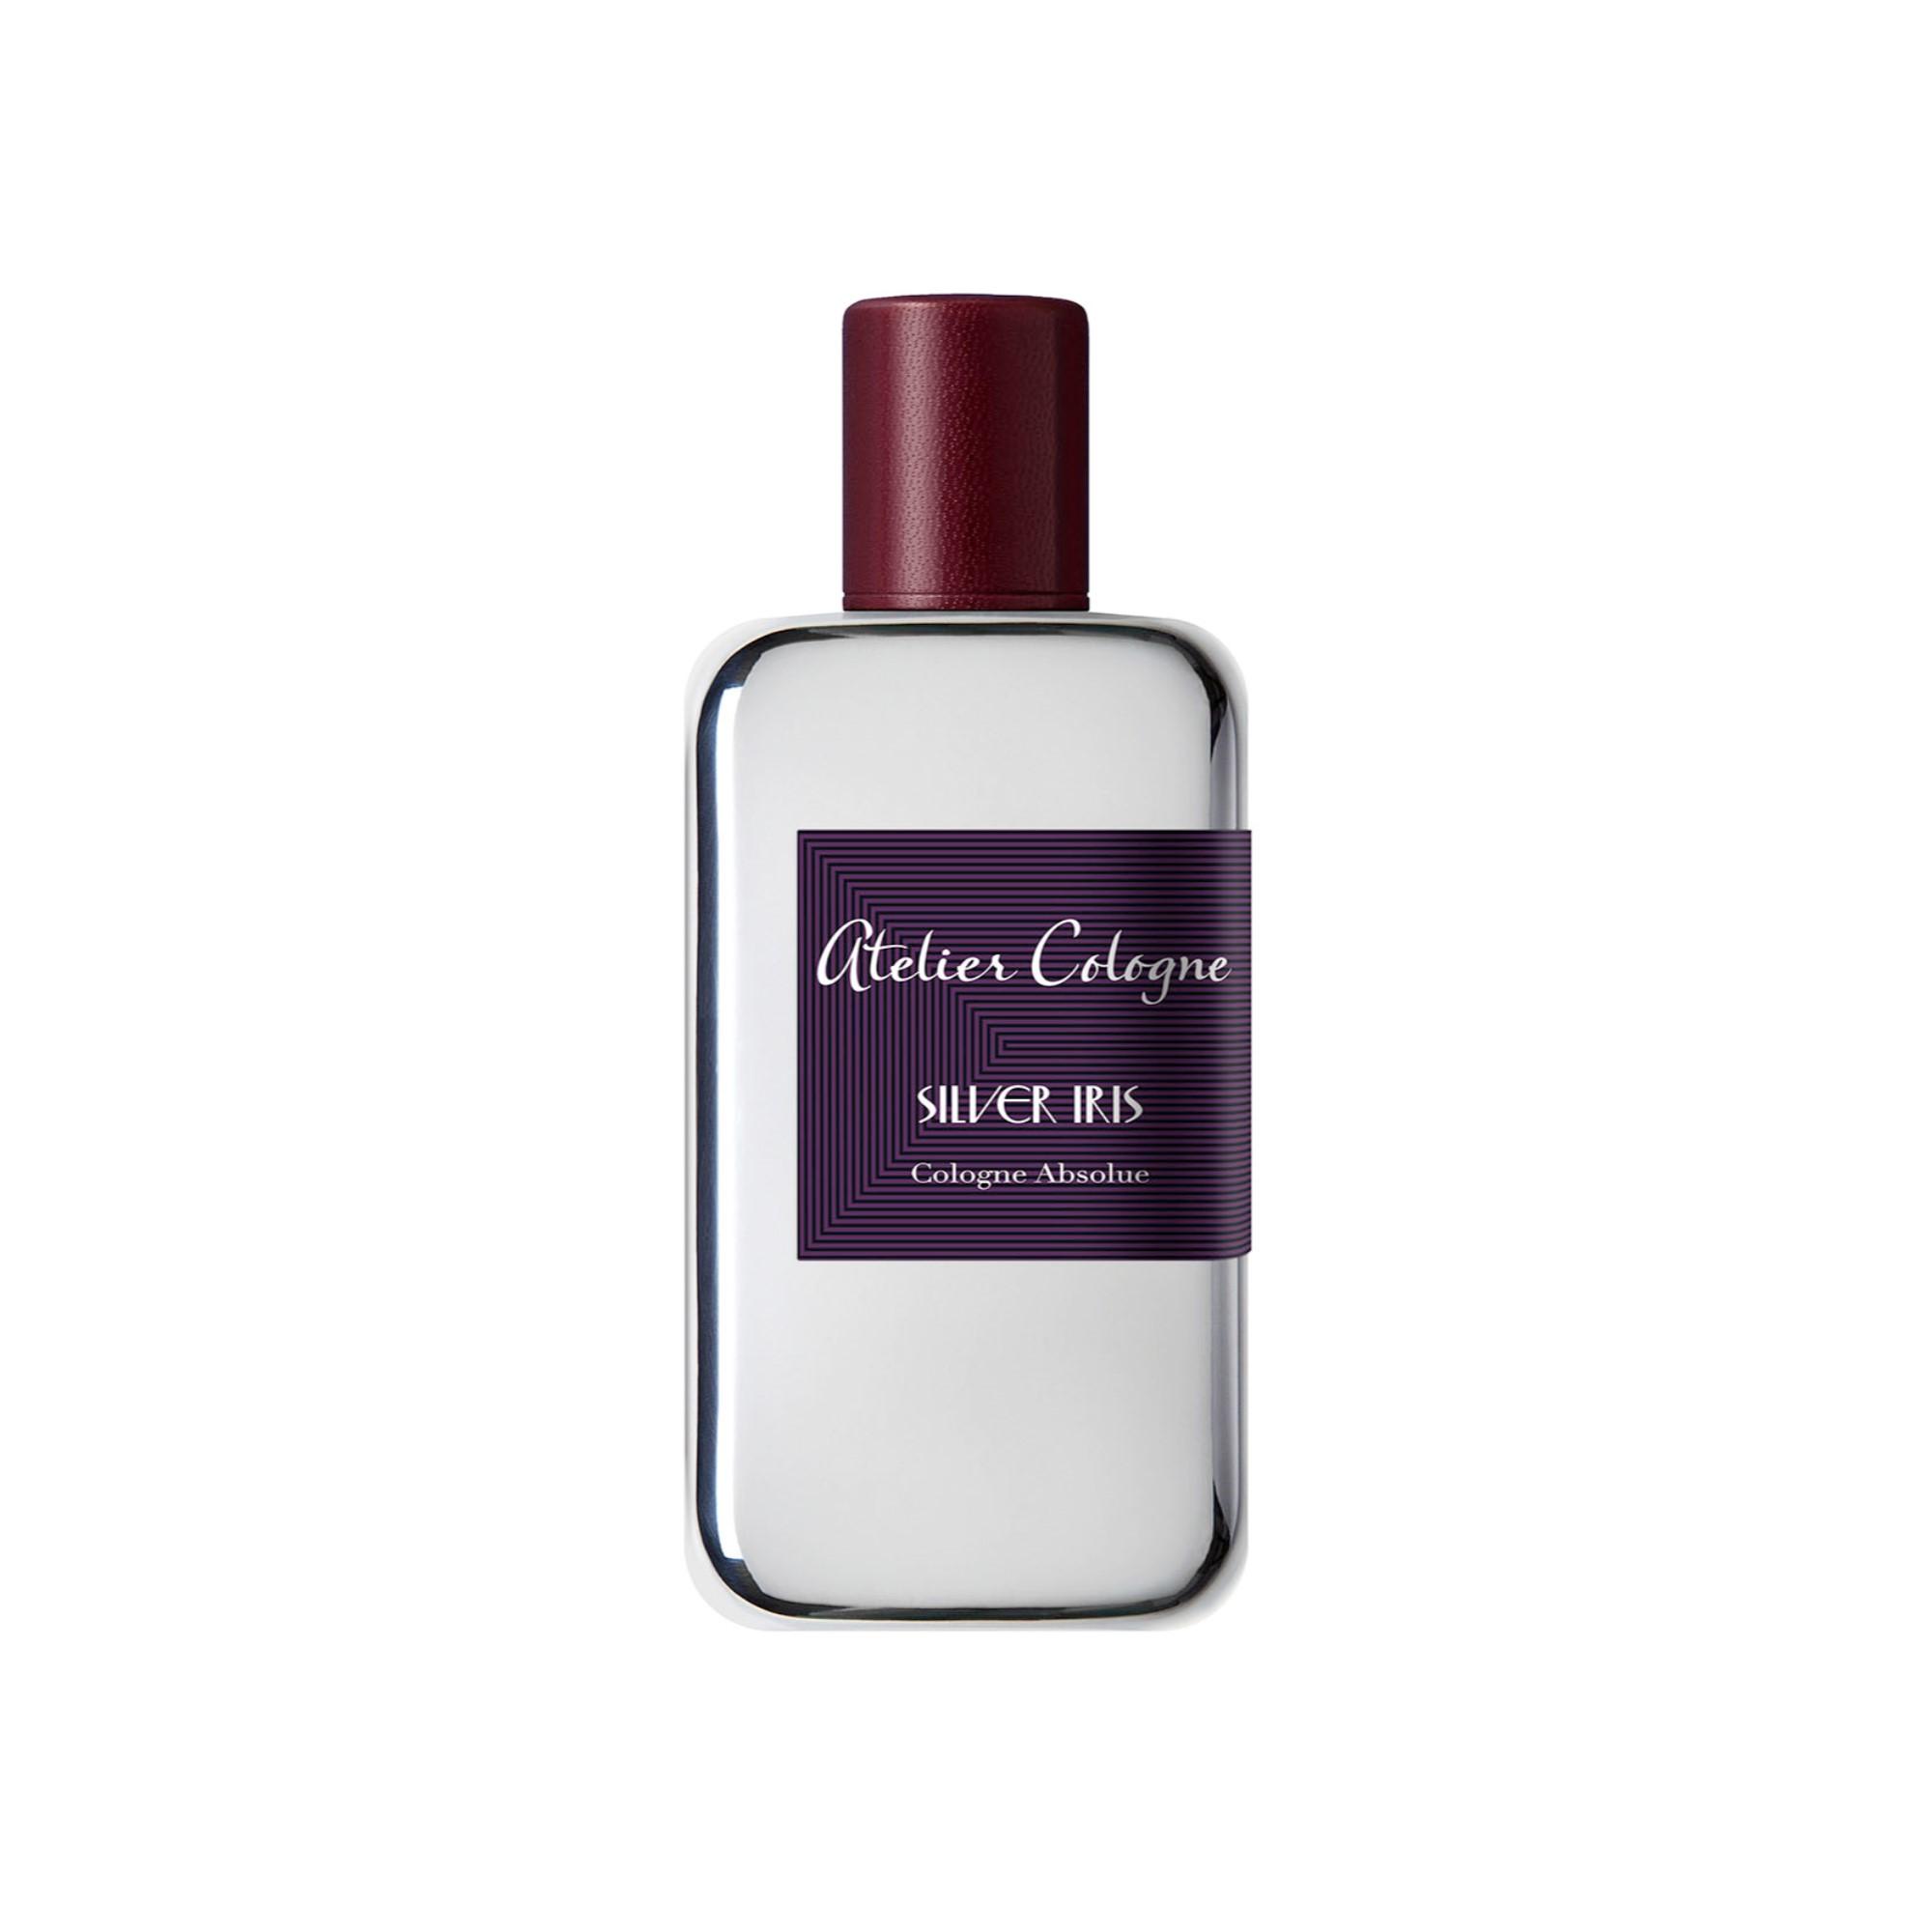 Haute Couture Silver Iris